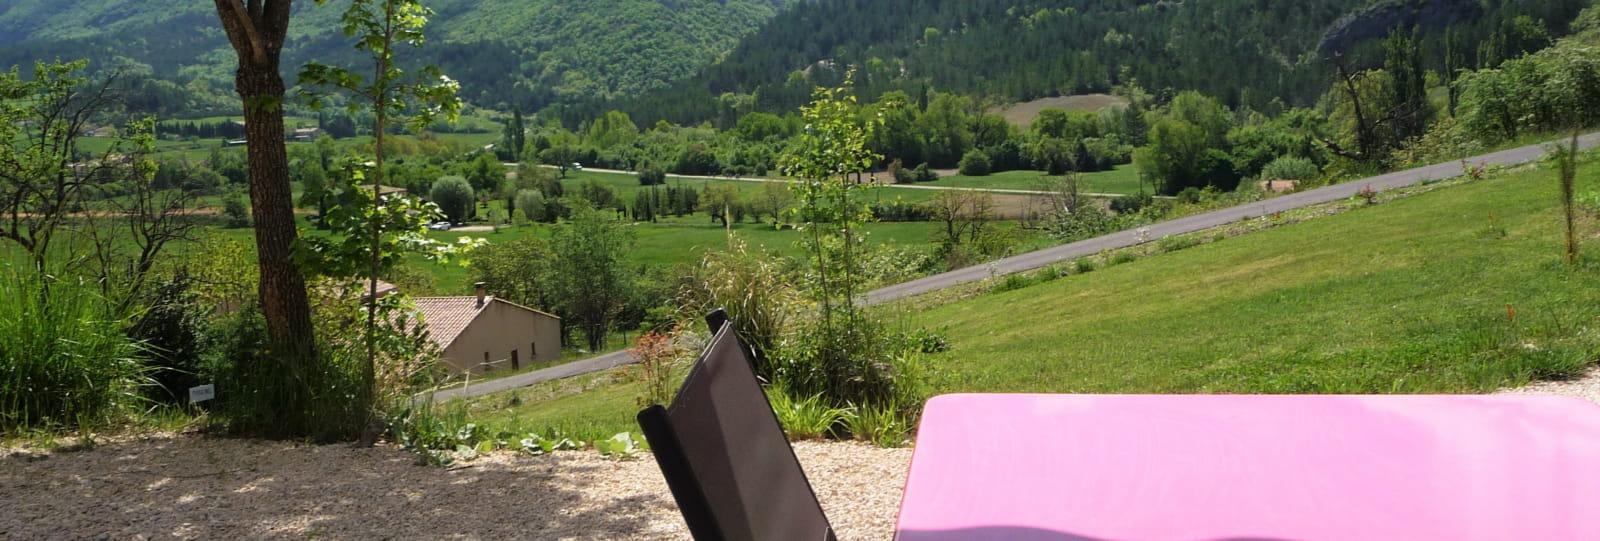 Ventoux Revitalisation - T1 Les 2 Villages